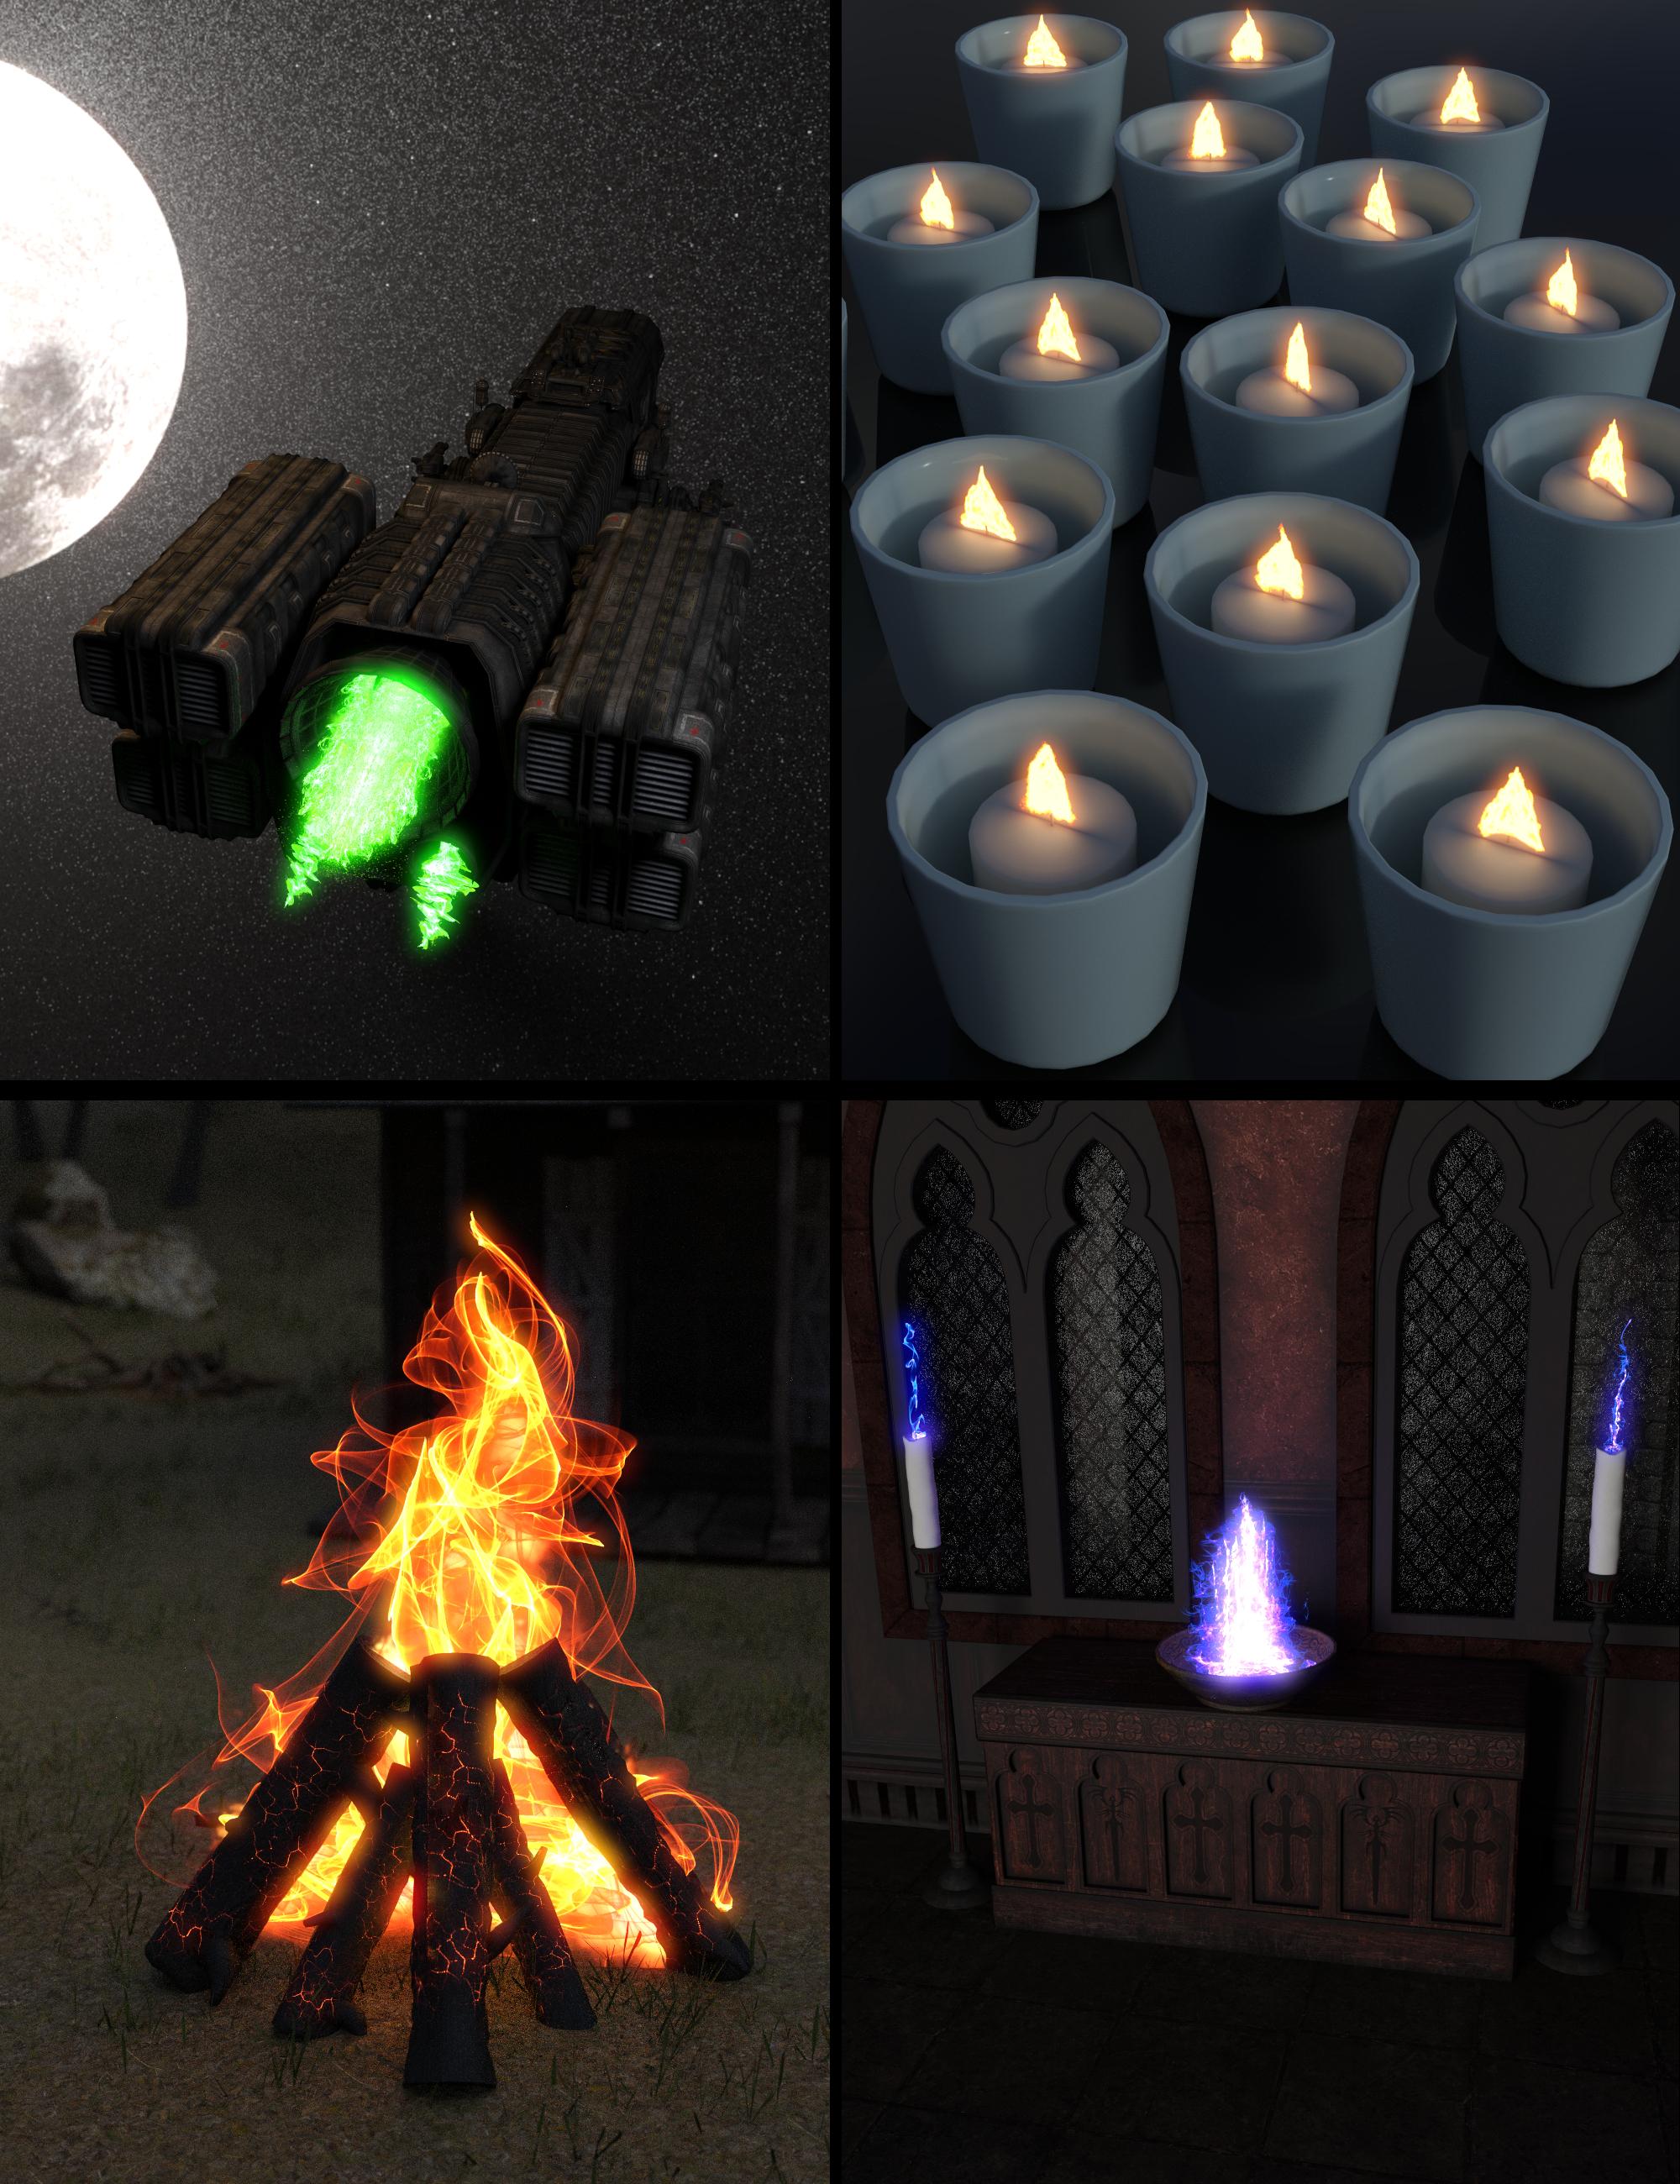 Fast Flames Iray II by: Sickleyield, 3D Models by Daz 3D